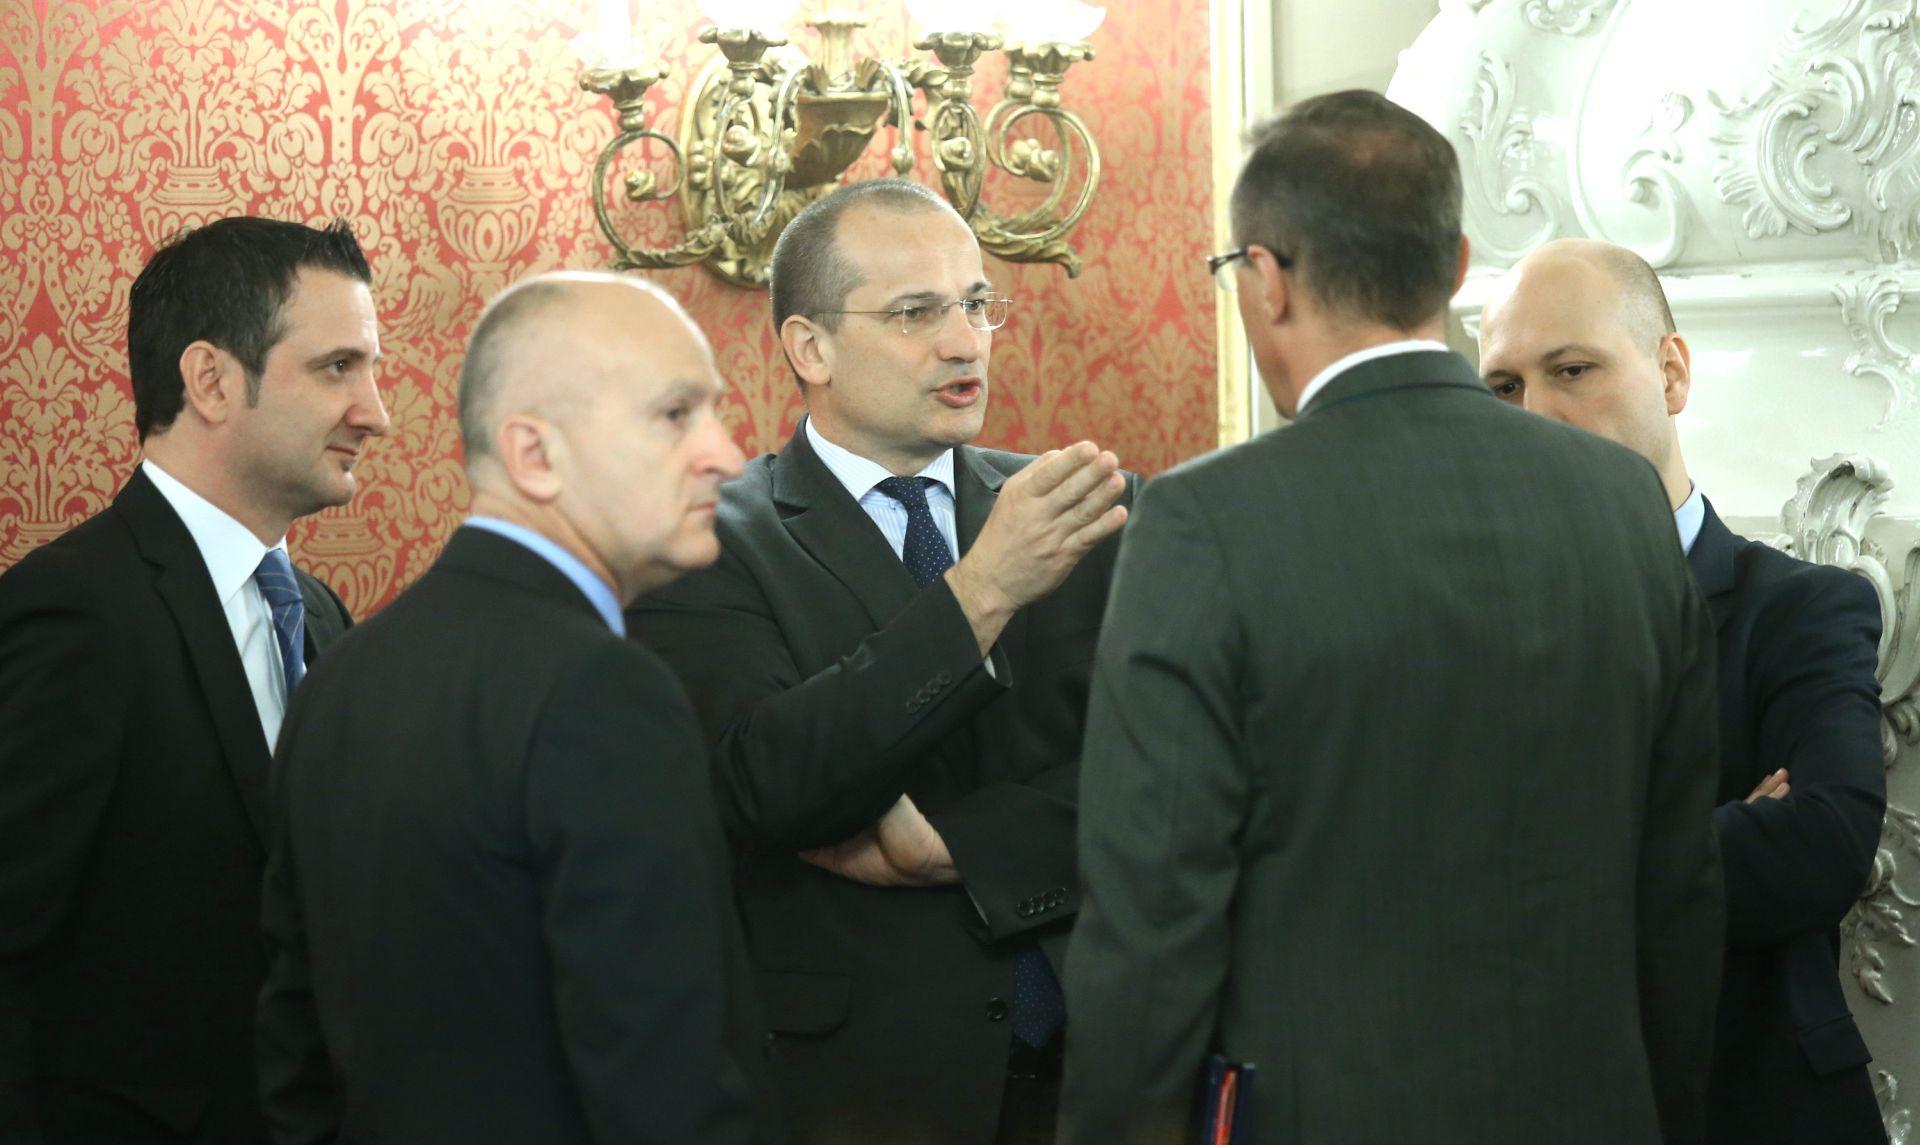 Ministri: Neće doći do dugoročnog narušavanja međudržavnih odnosa